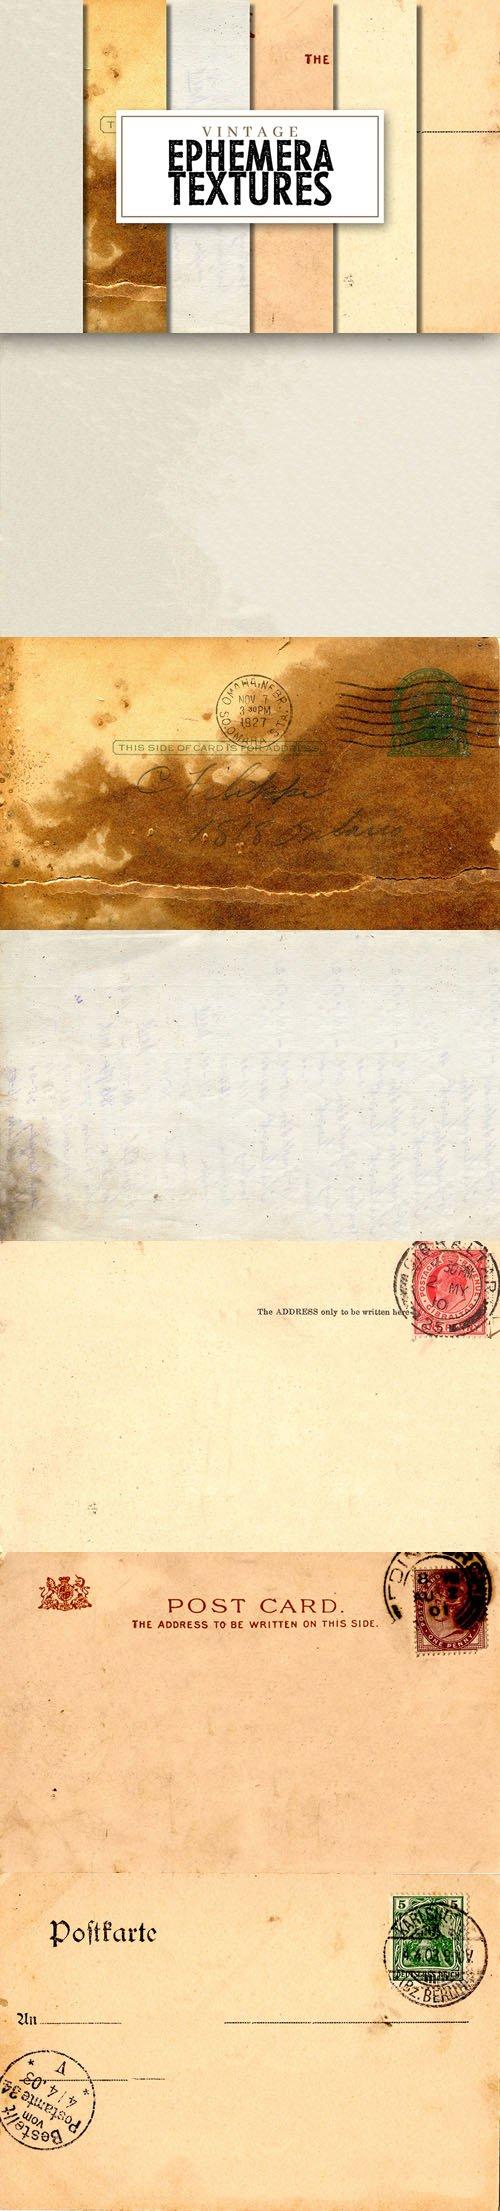 6 HQ Vintage Paper Textures